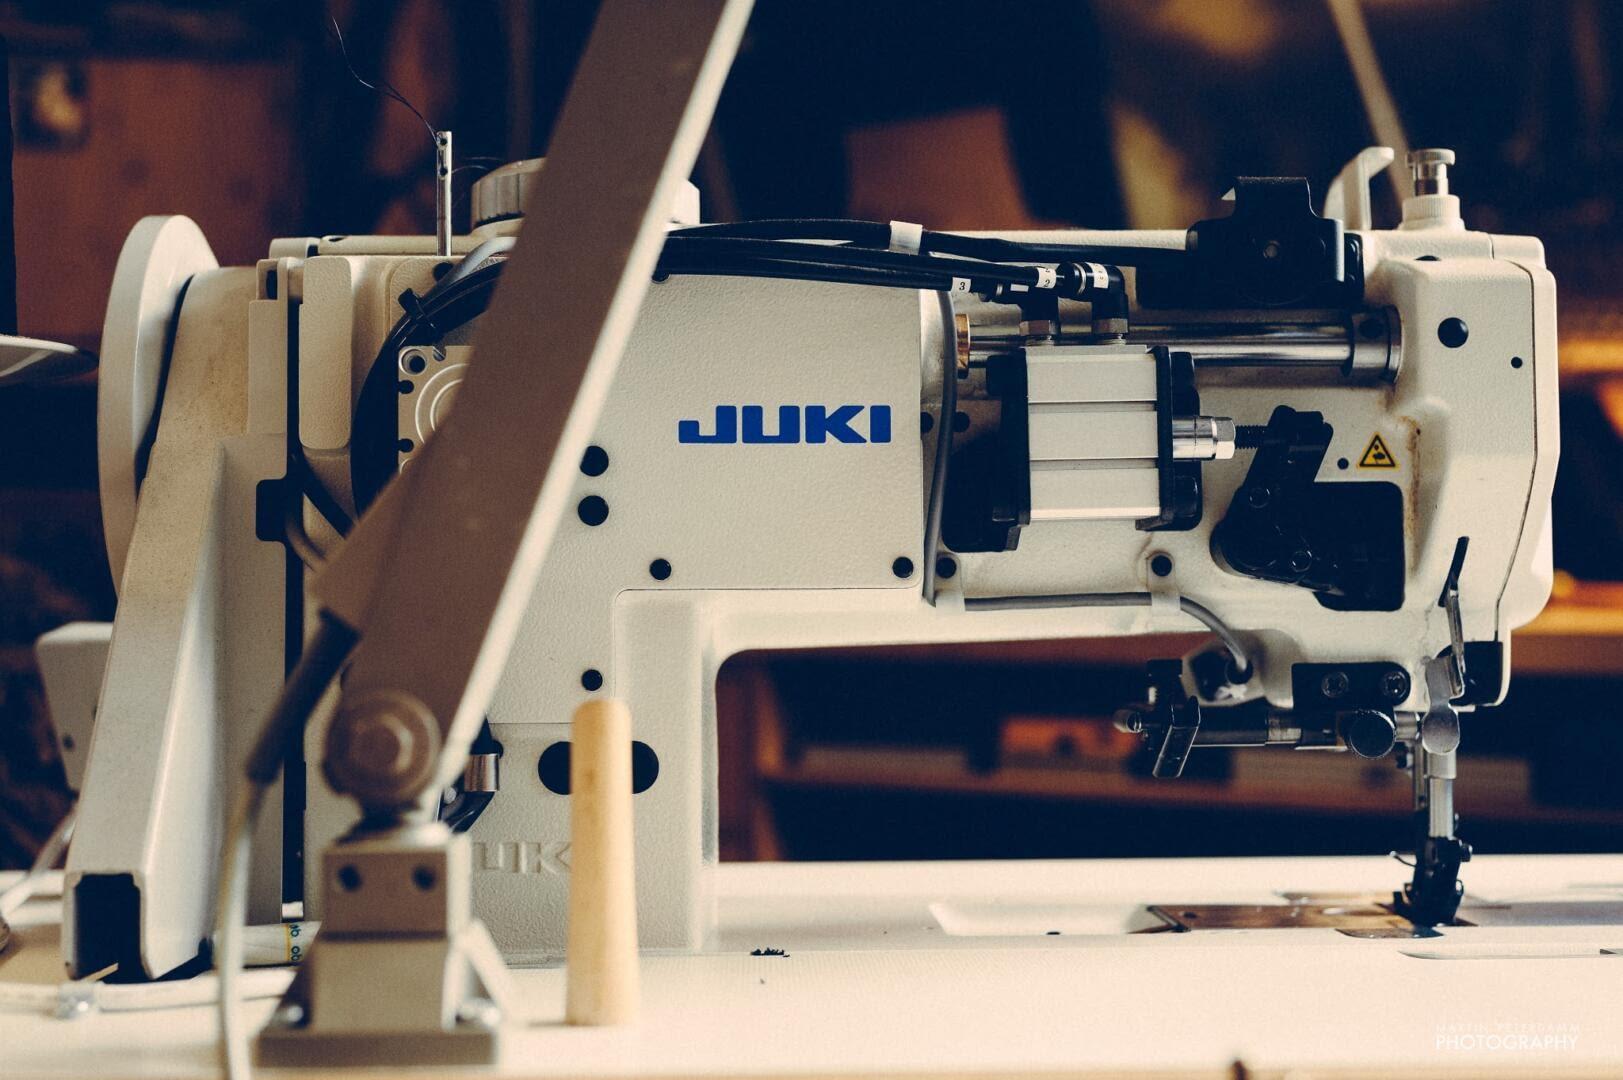 Leder Manufaktur in Bremen DSC 2979 2011